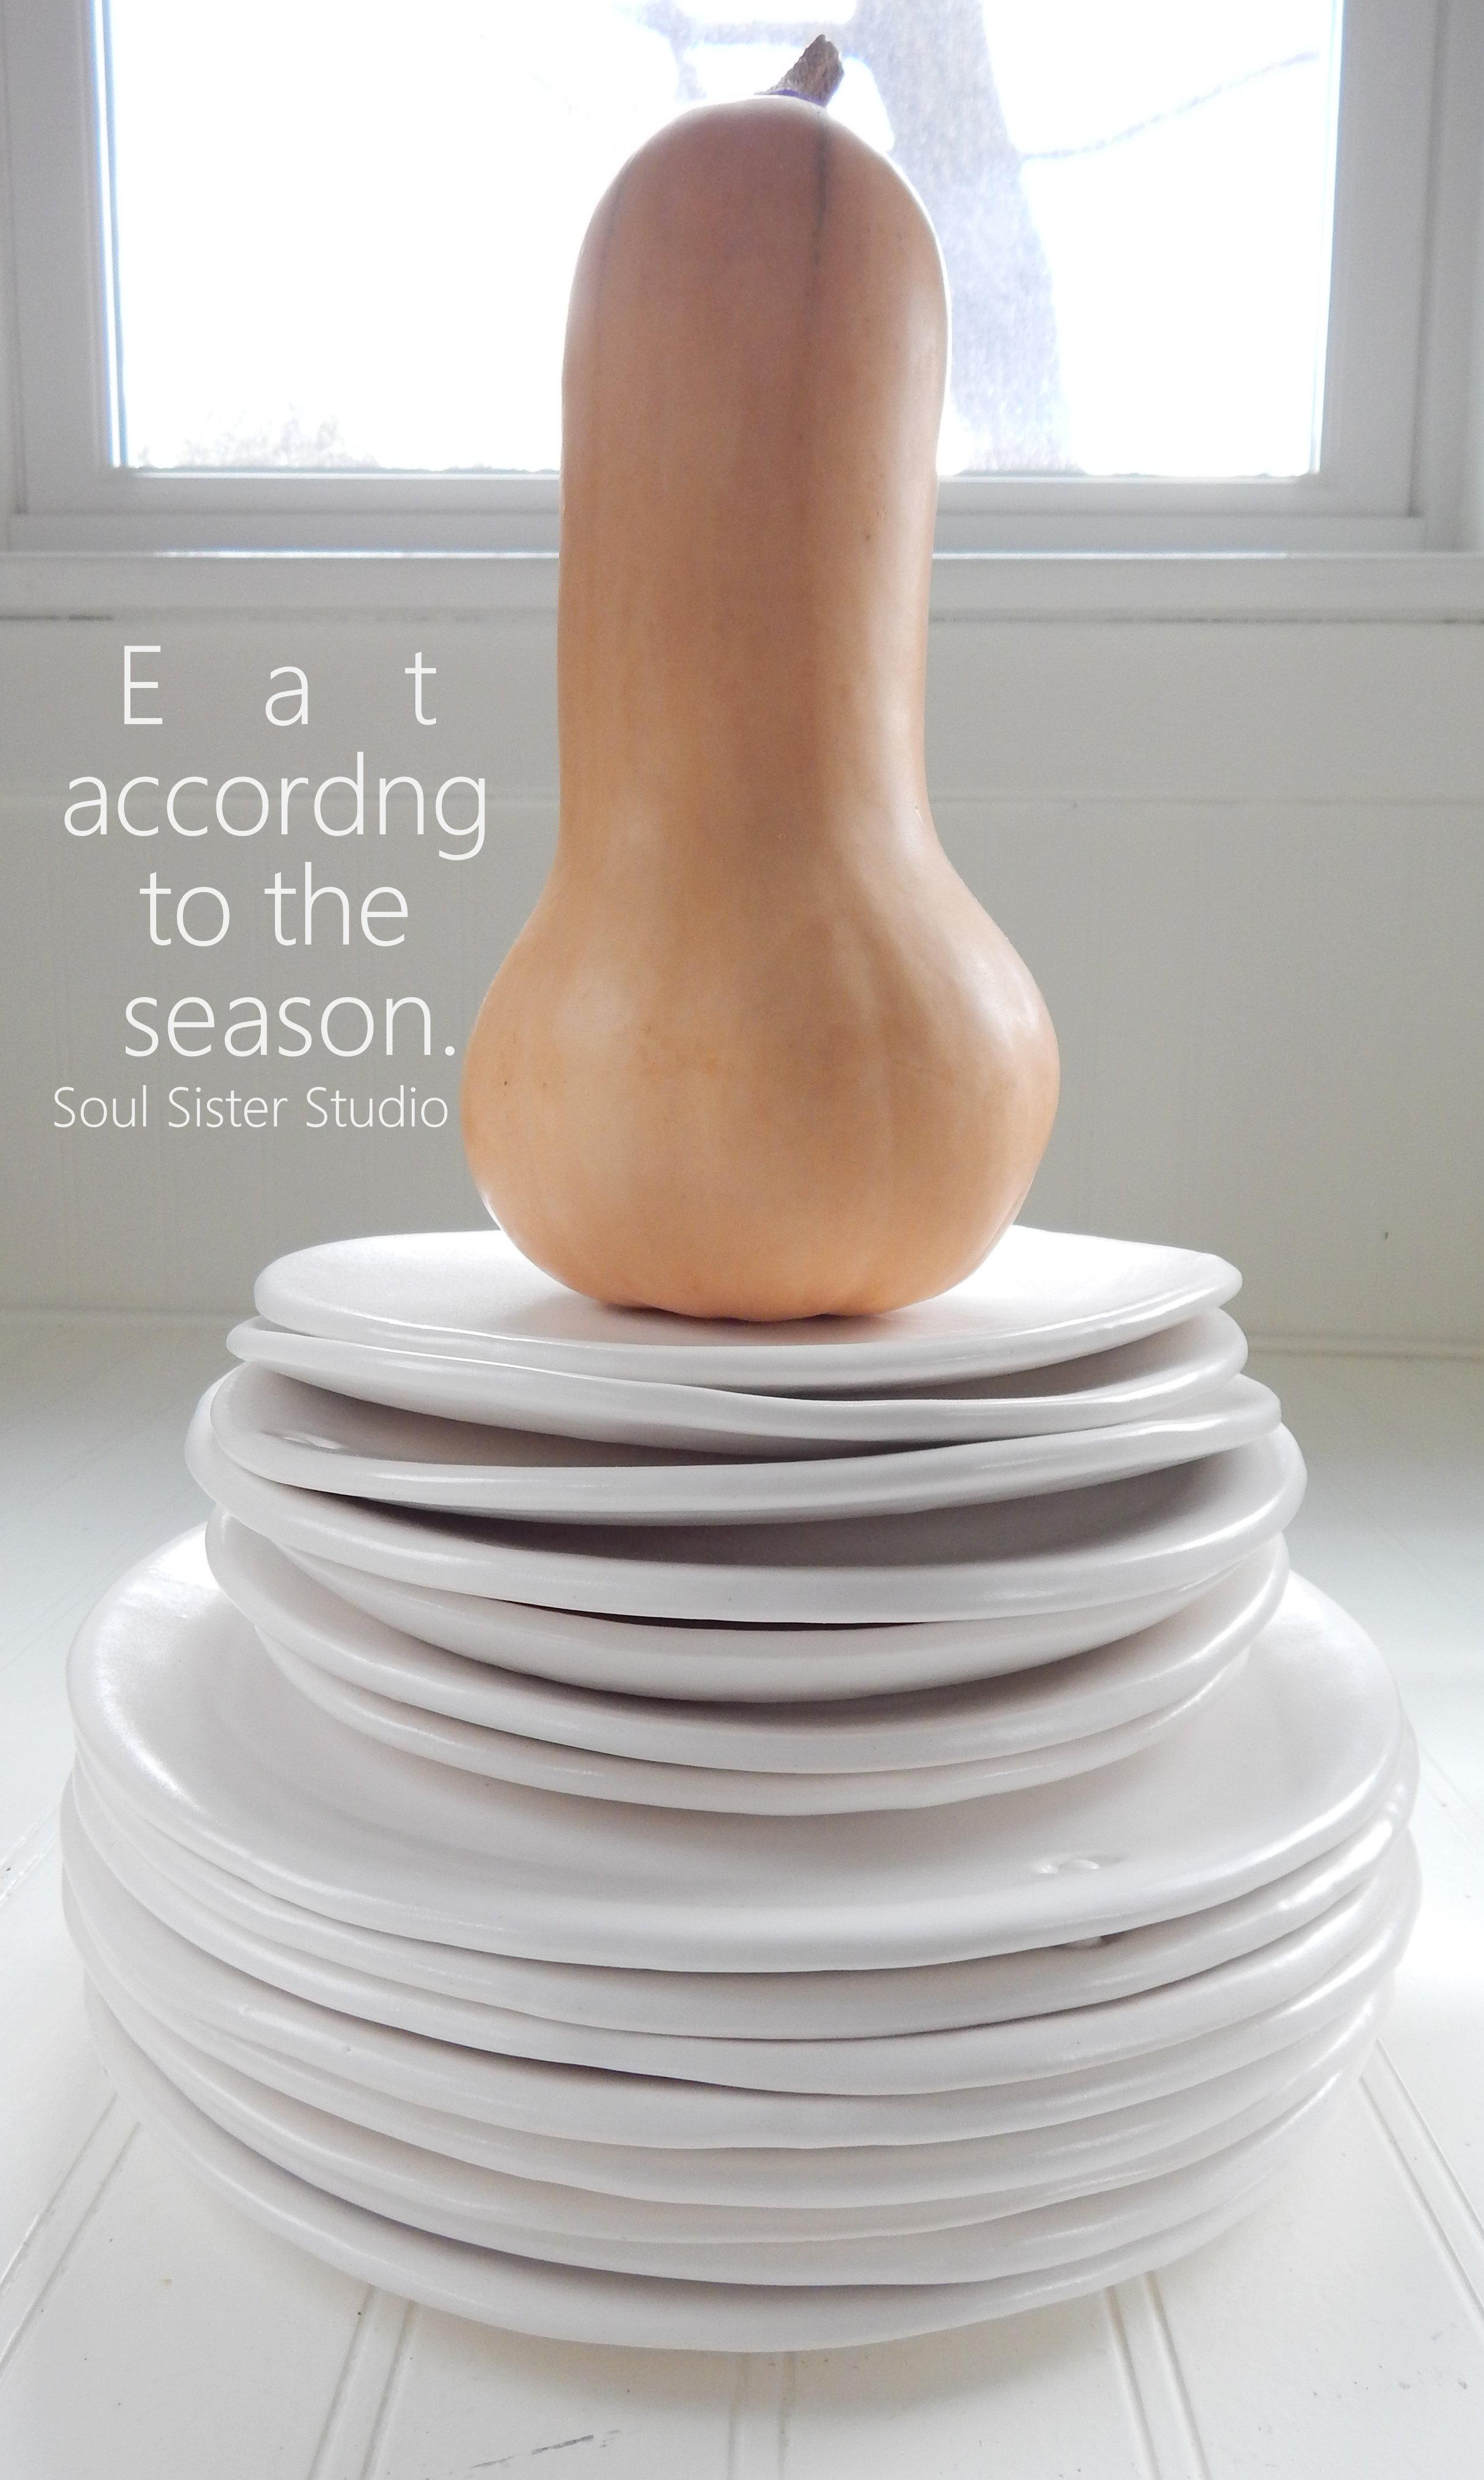 PotteryWhiteSquashText.jpg